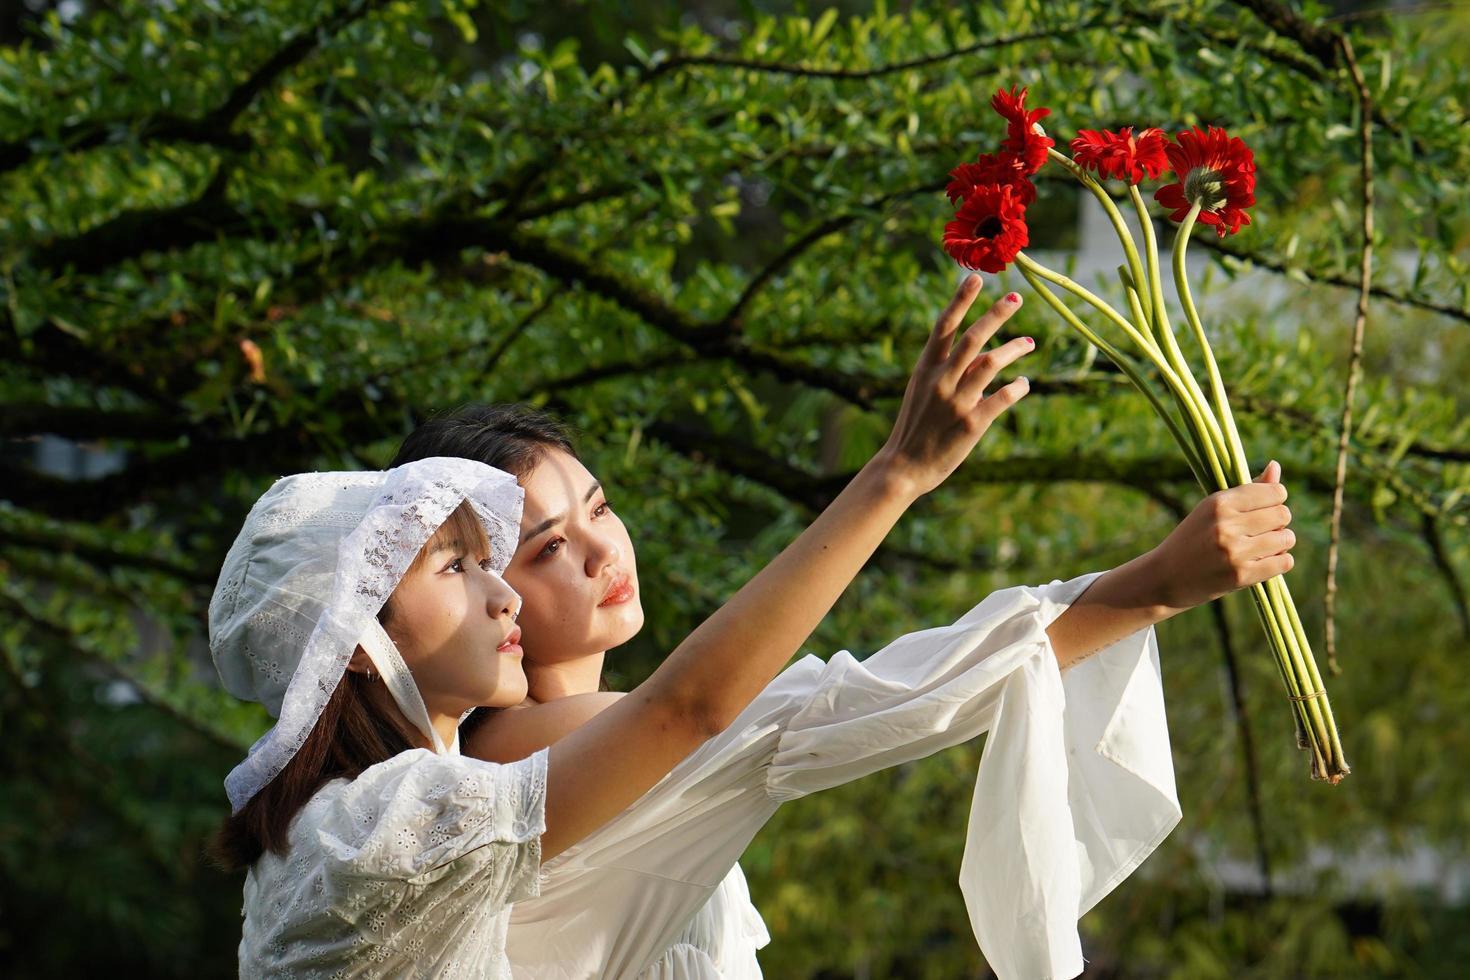 mujeres sosteniendo flores foto